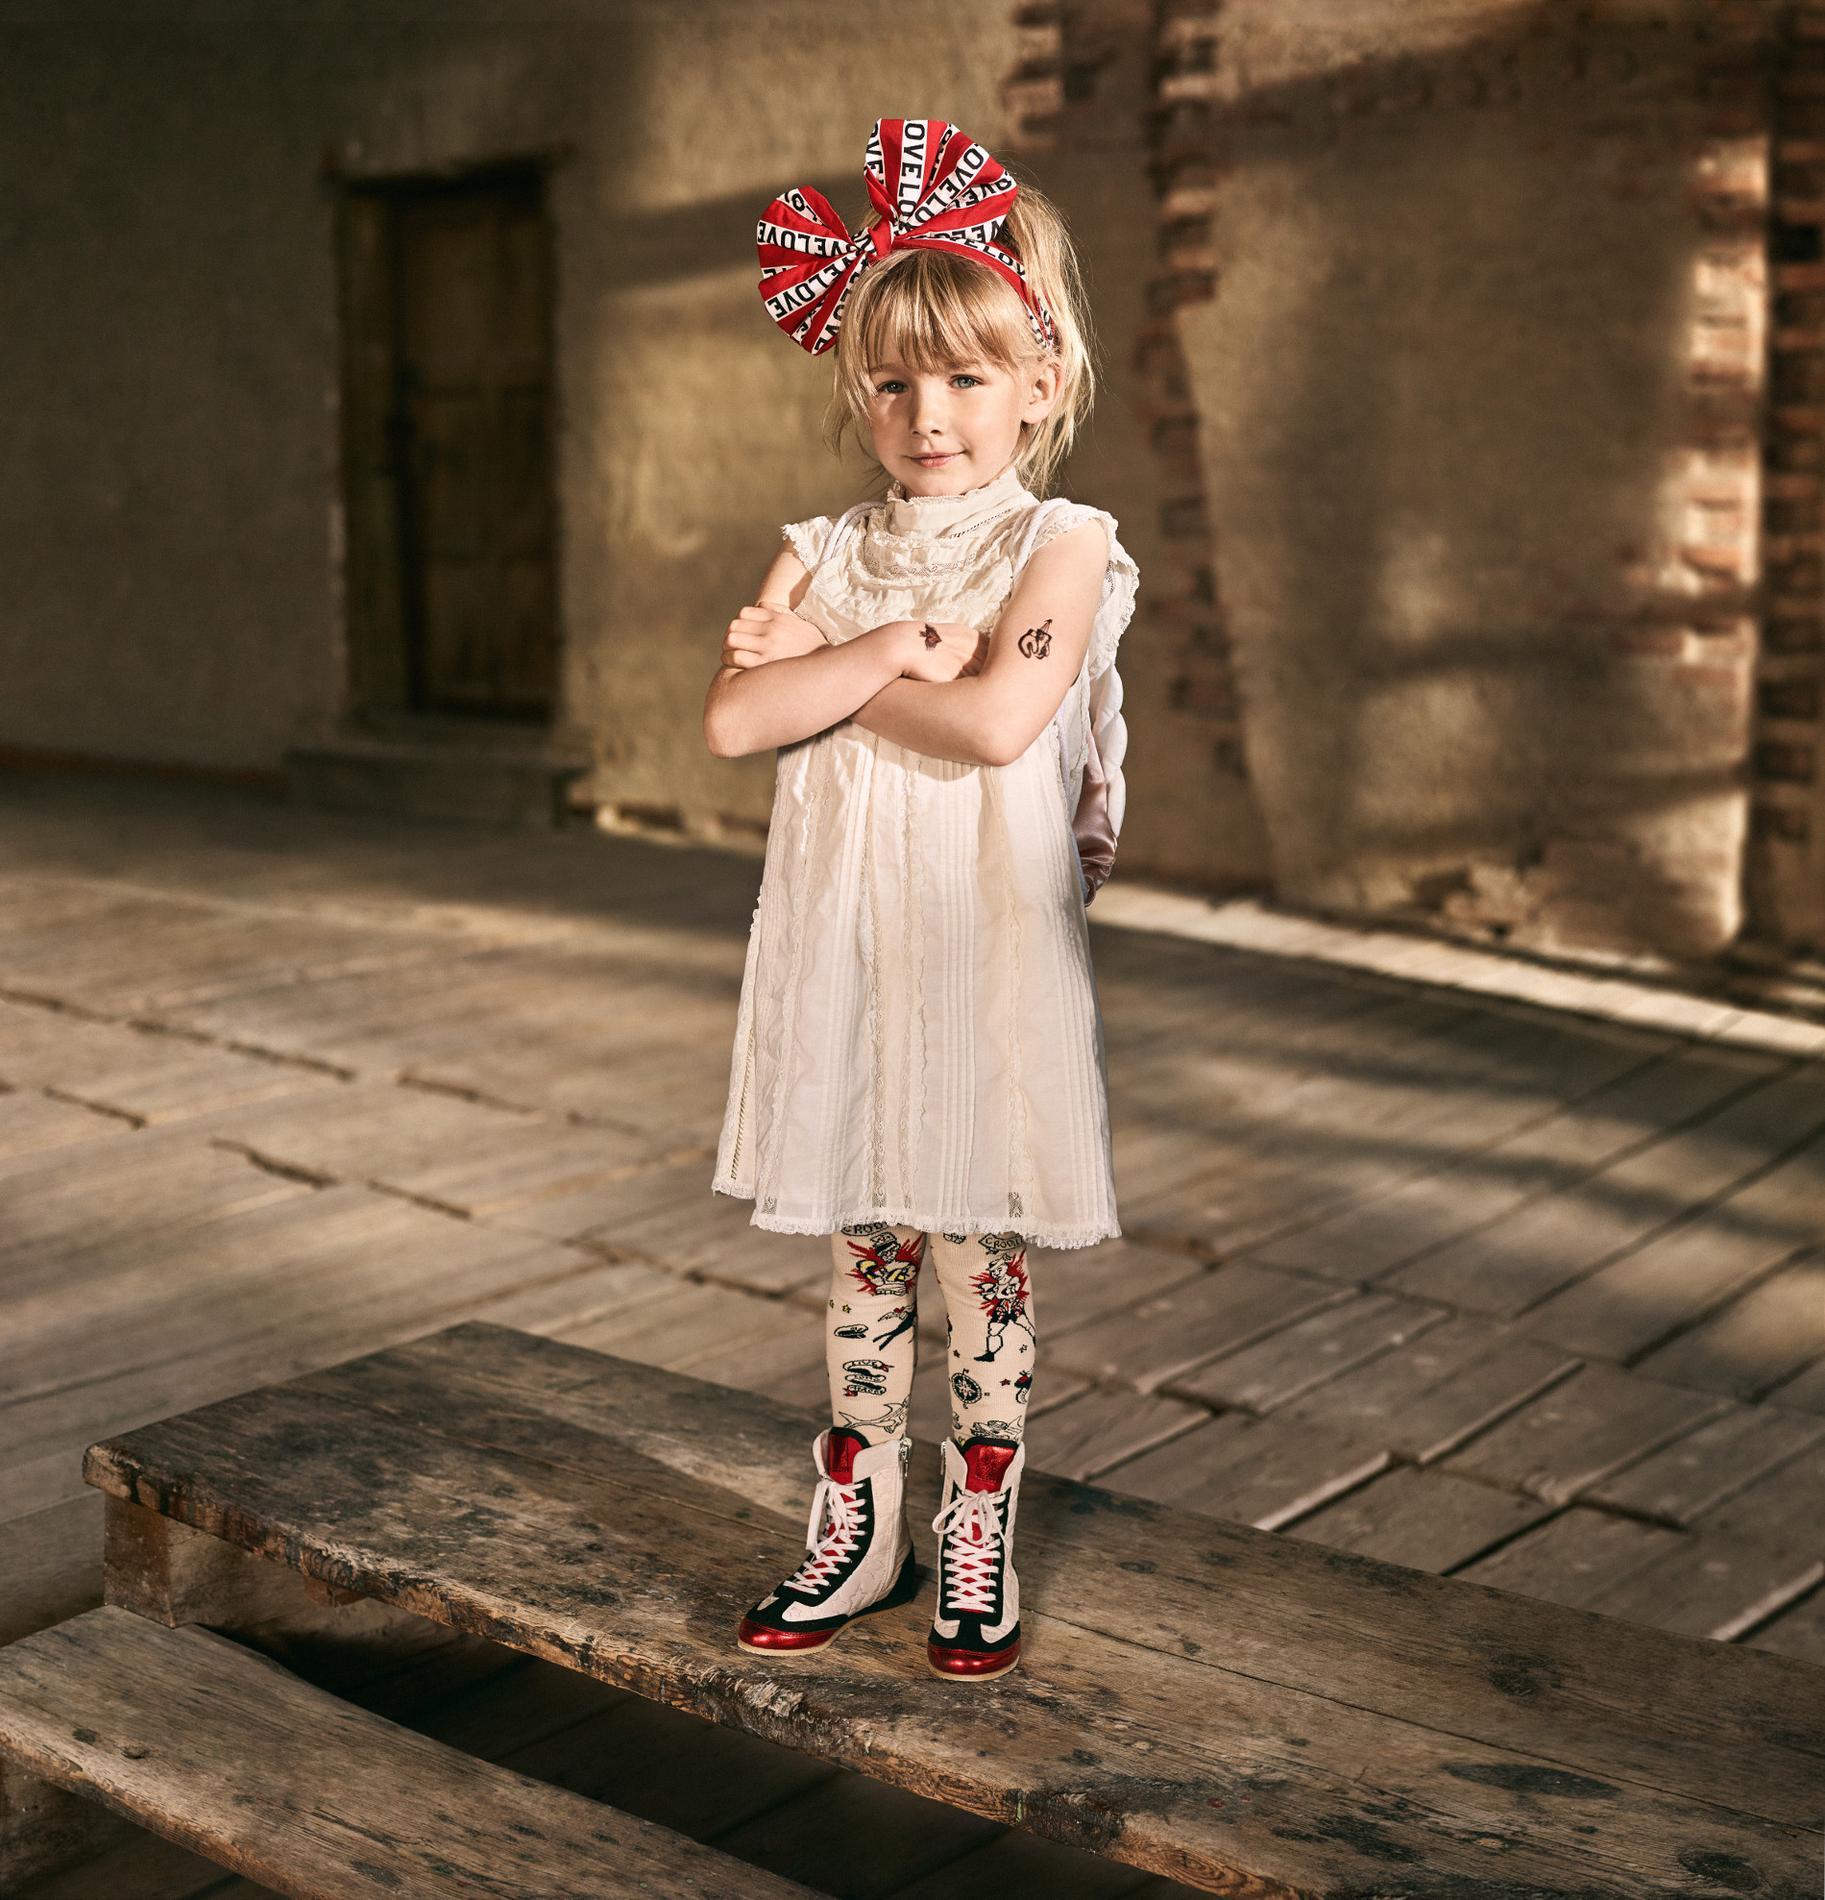 1878753dfdca1 ... H M Studio dévoile sa nouvelle collection enfant printemps-été 2017 -  En rouge et blanc ...